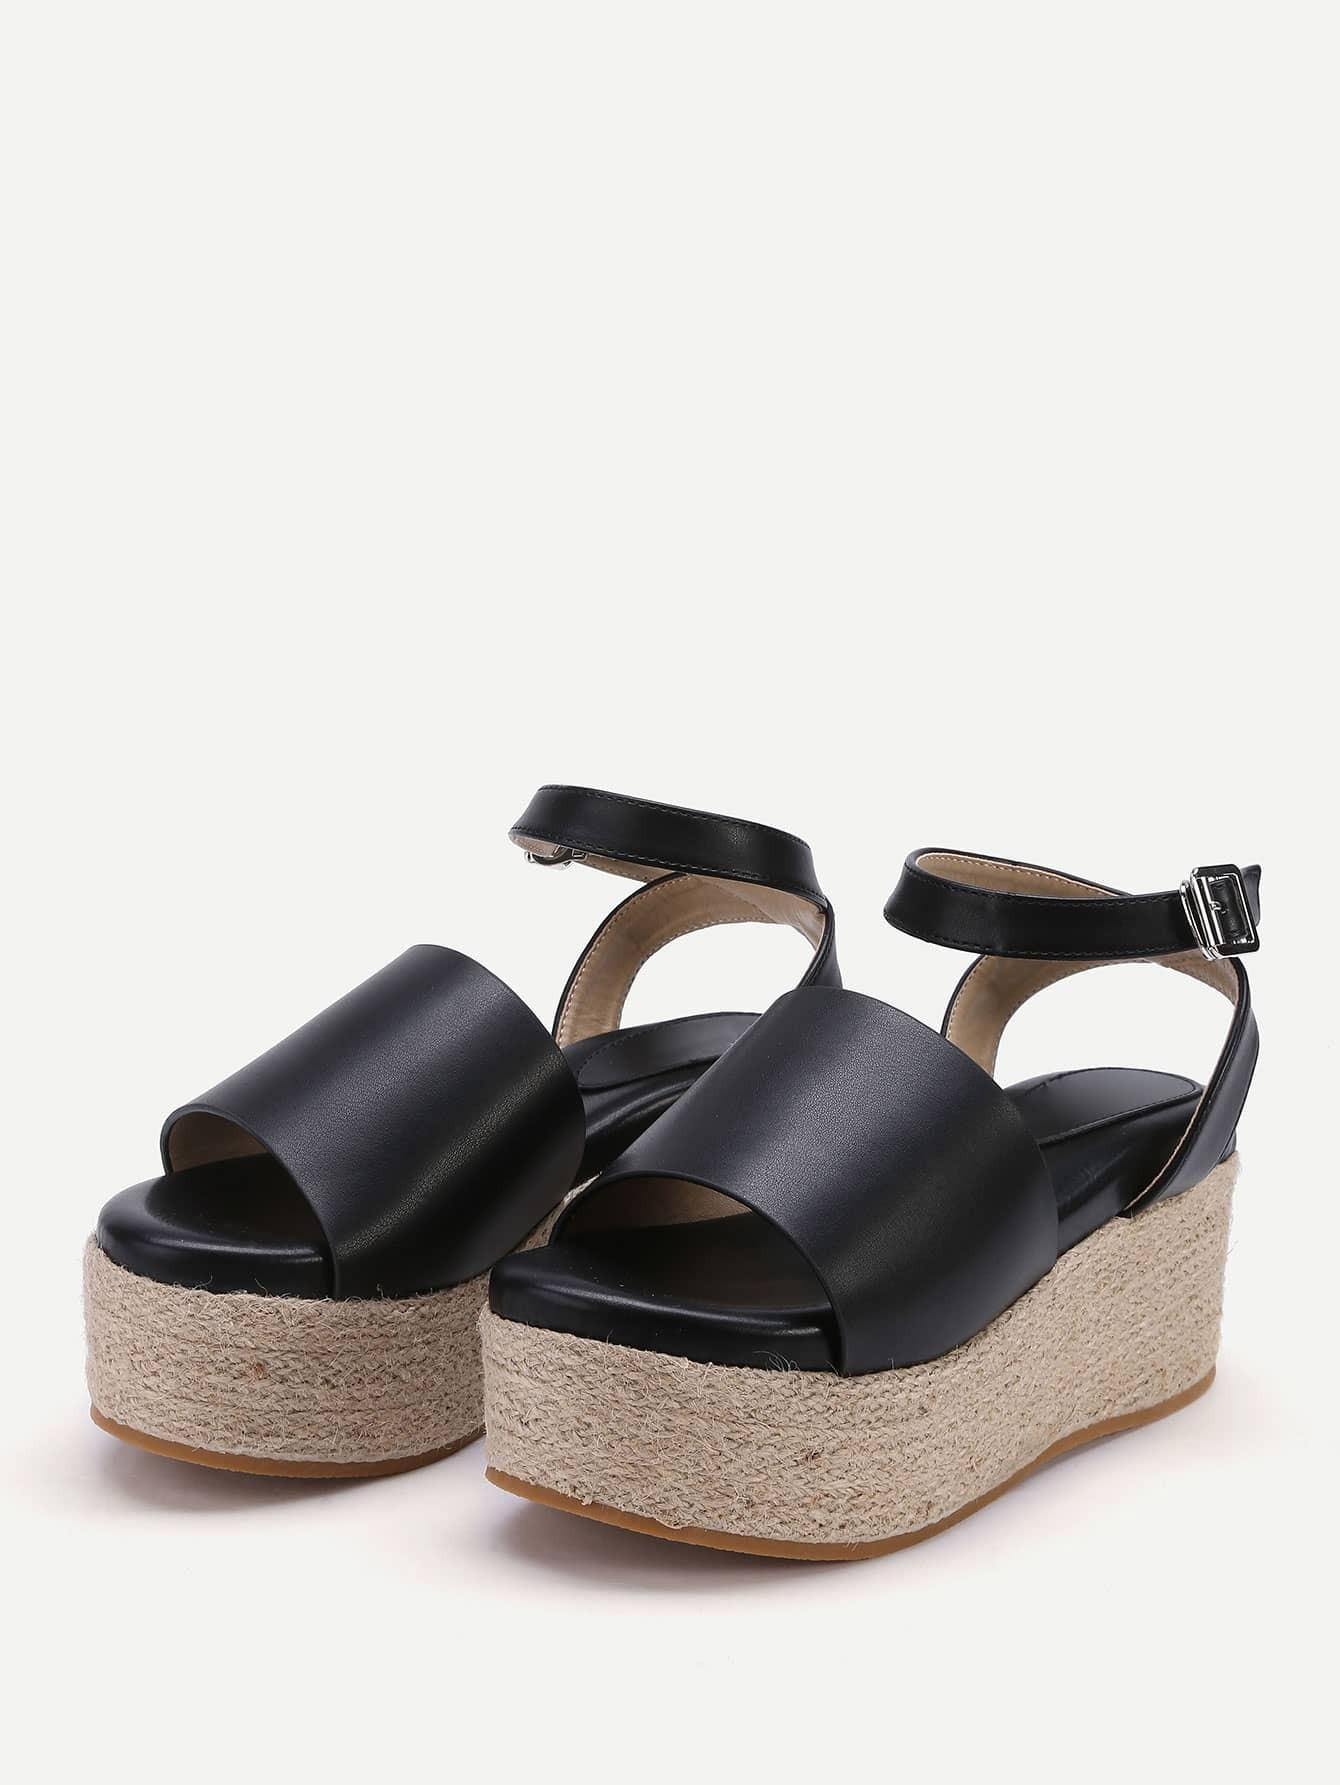 shoes170503819_2